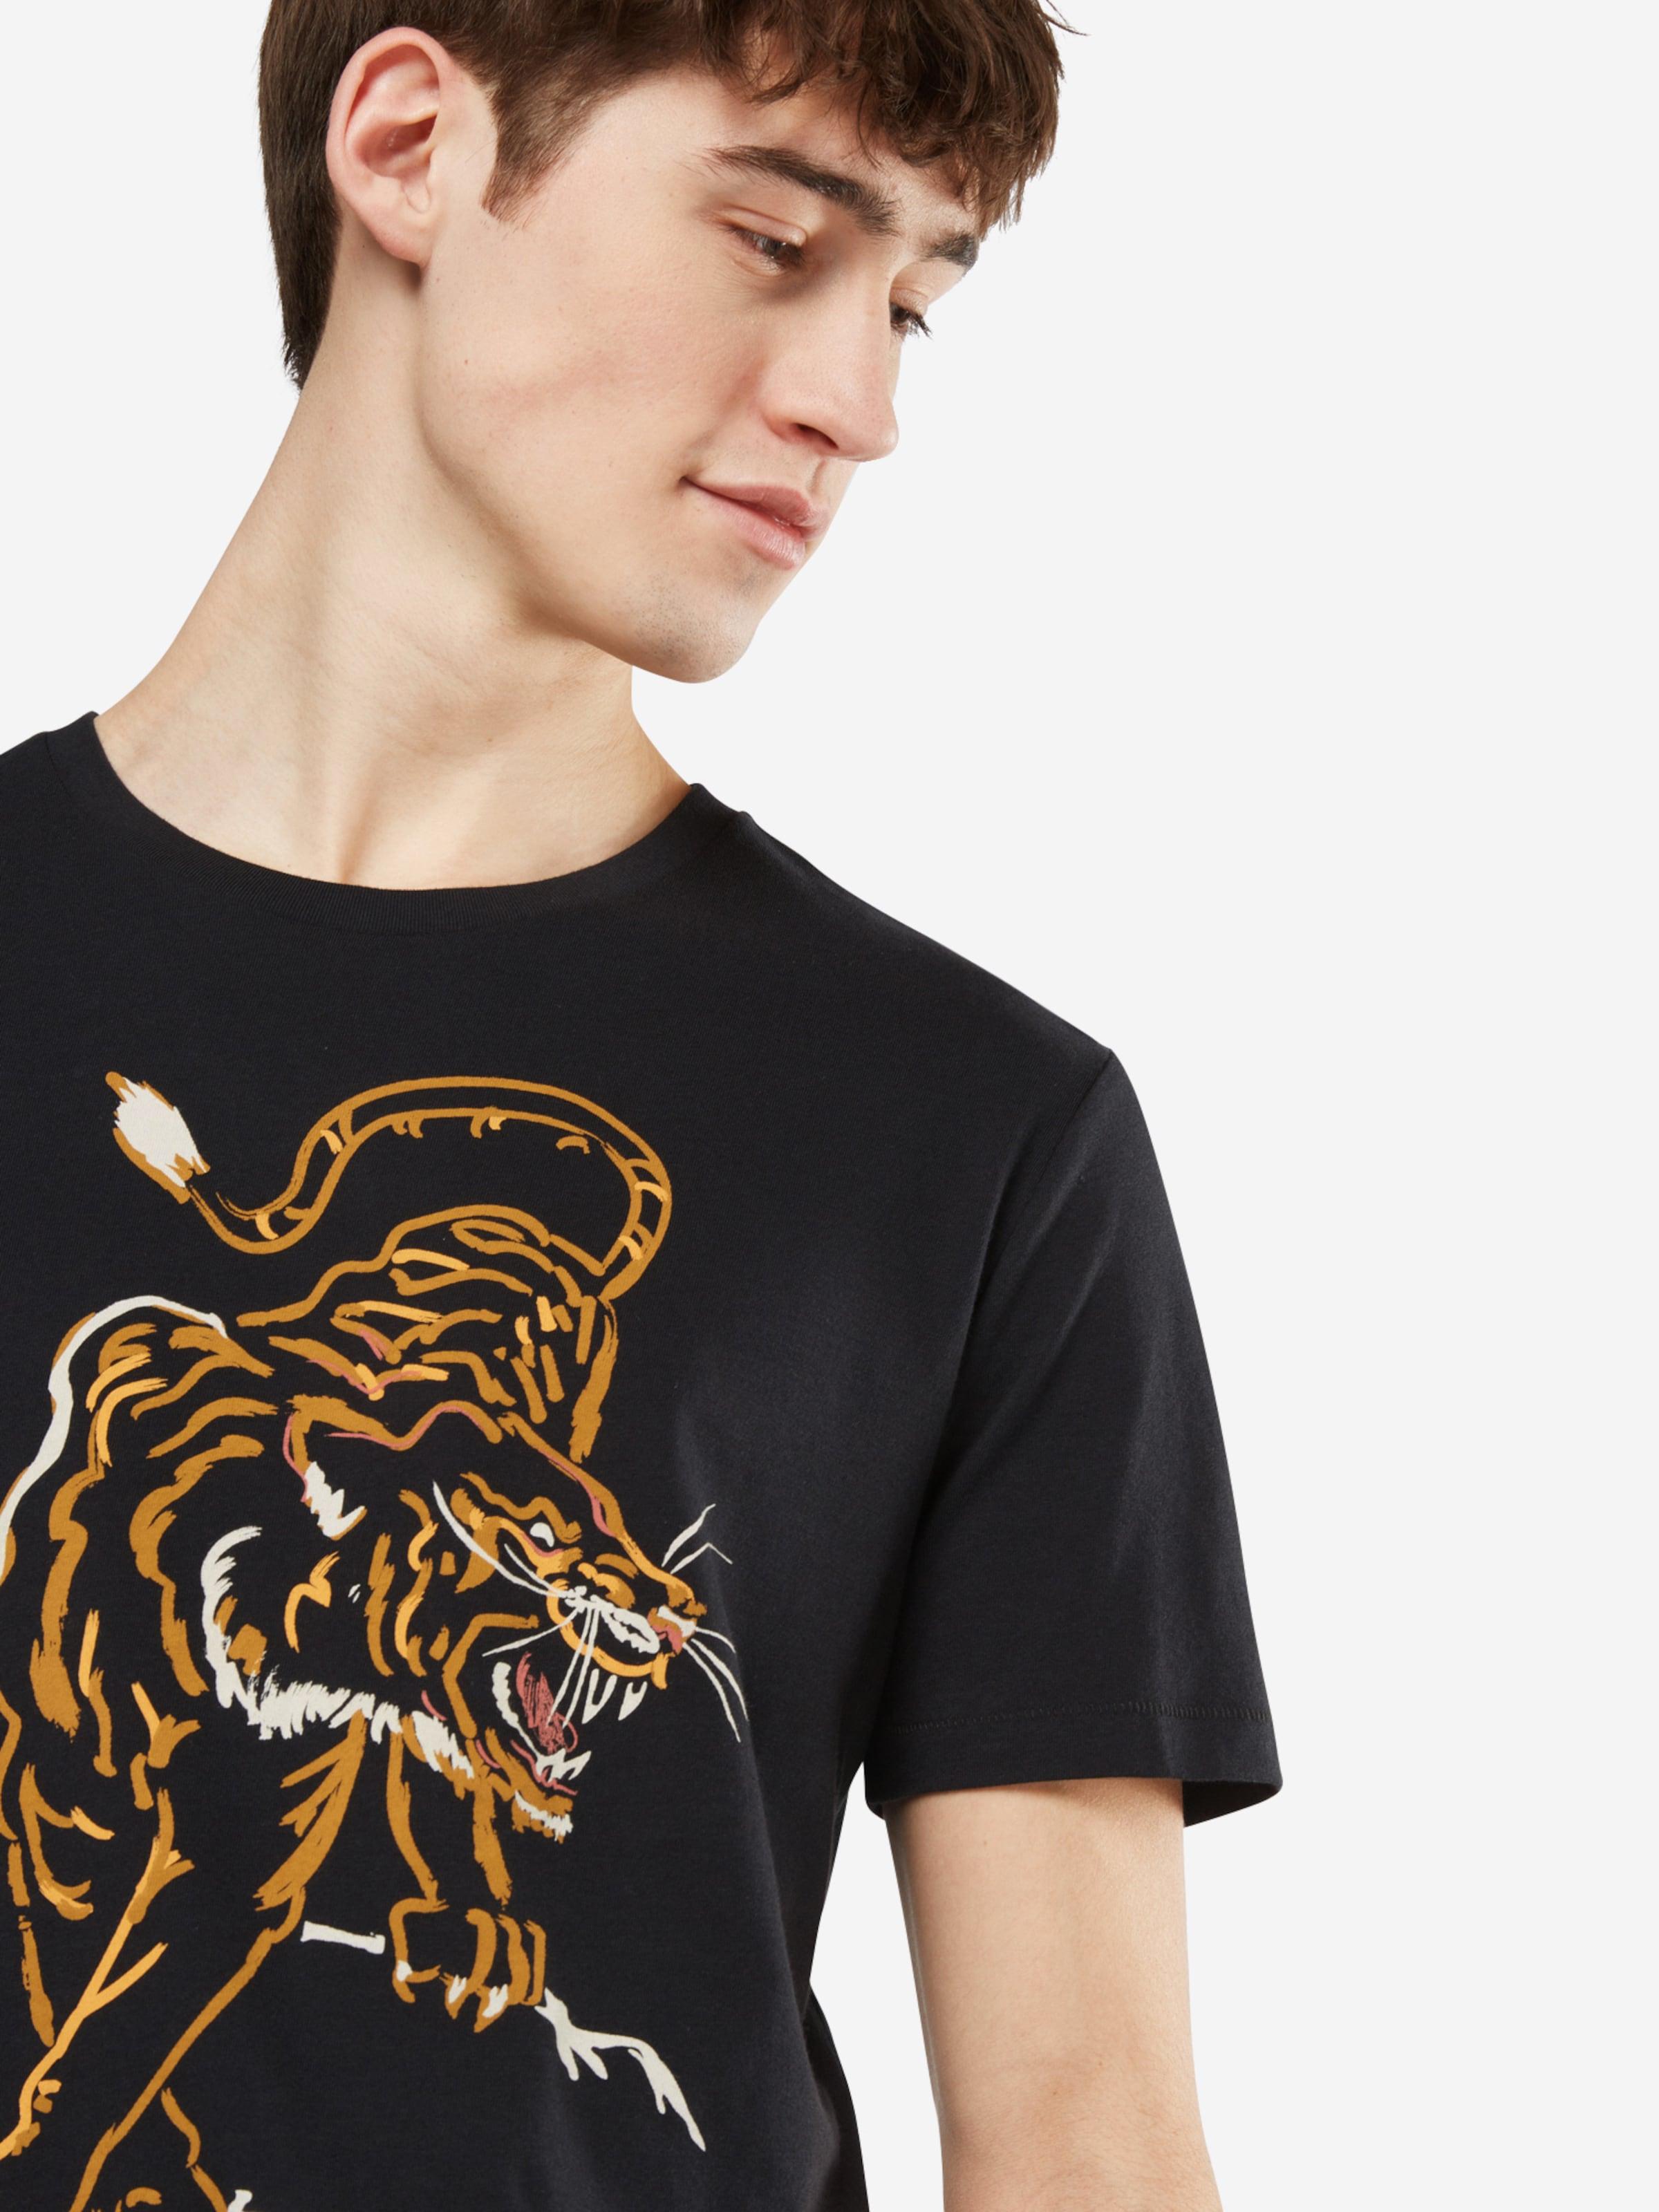 GAP T-Shirt 'IH TIGER' Schnelle Lieferung Vorbestellung Für Verkauf Mit Visum Zahlen Zu Verkaufen 9SFzHFrsBB